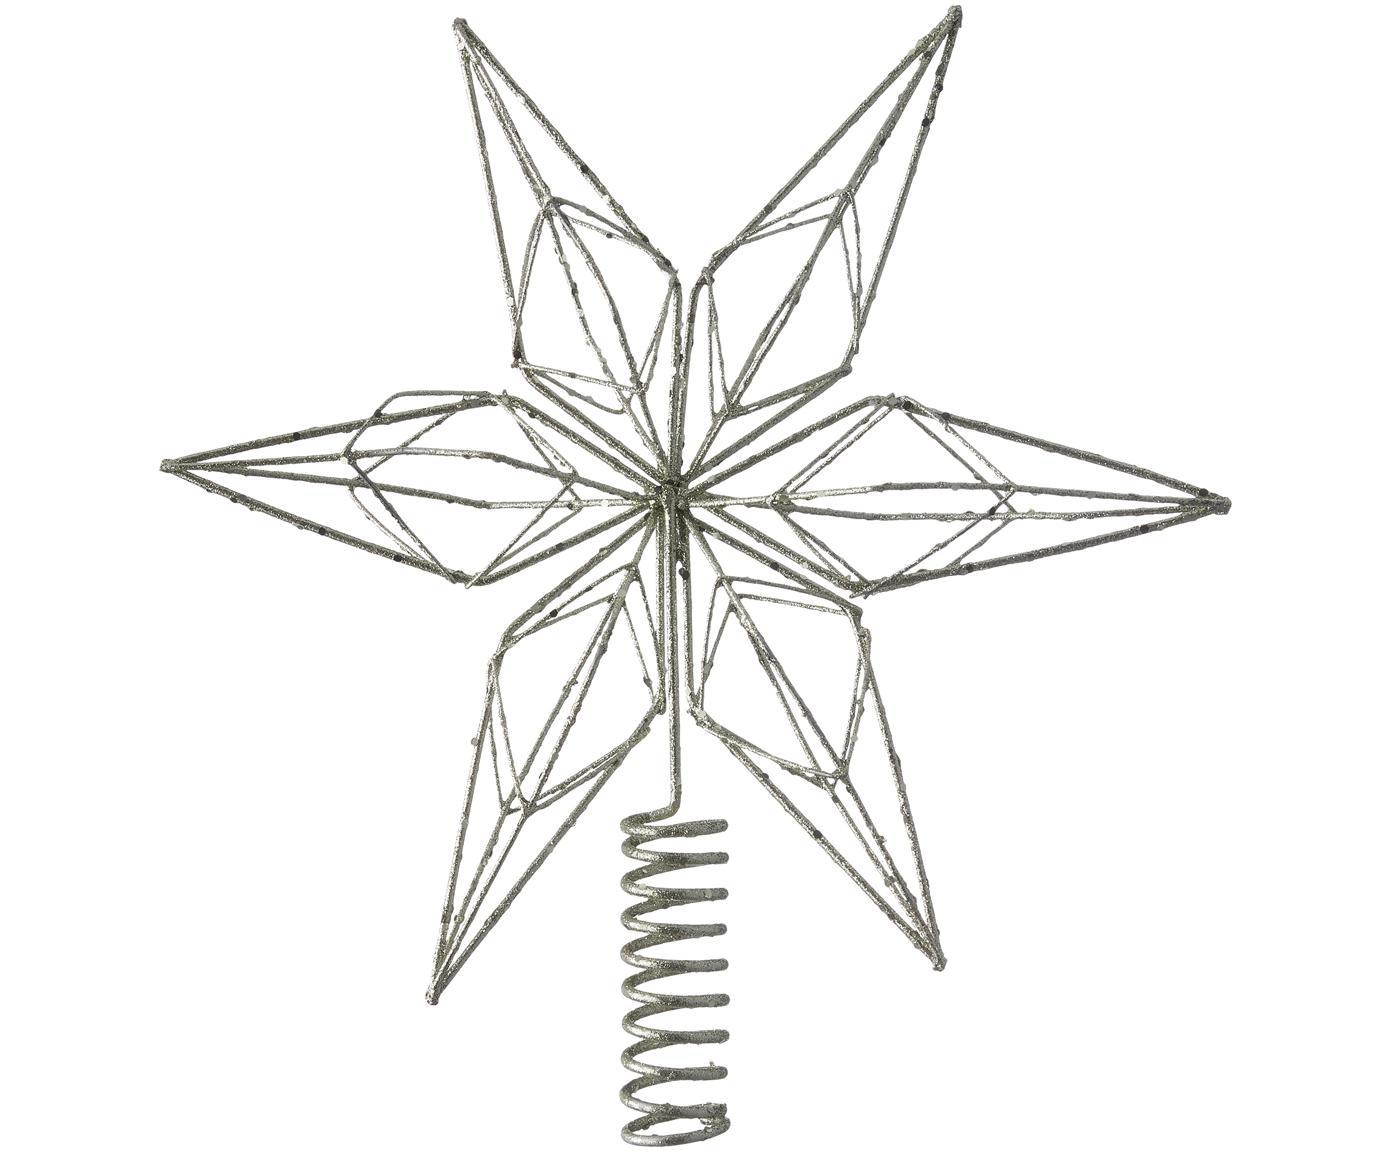 Estrella Árbol de Navidad Alivinne, Metal pintado, Metal, An 27 x Al 28 cm